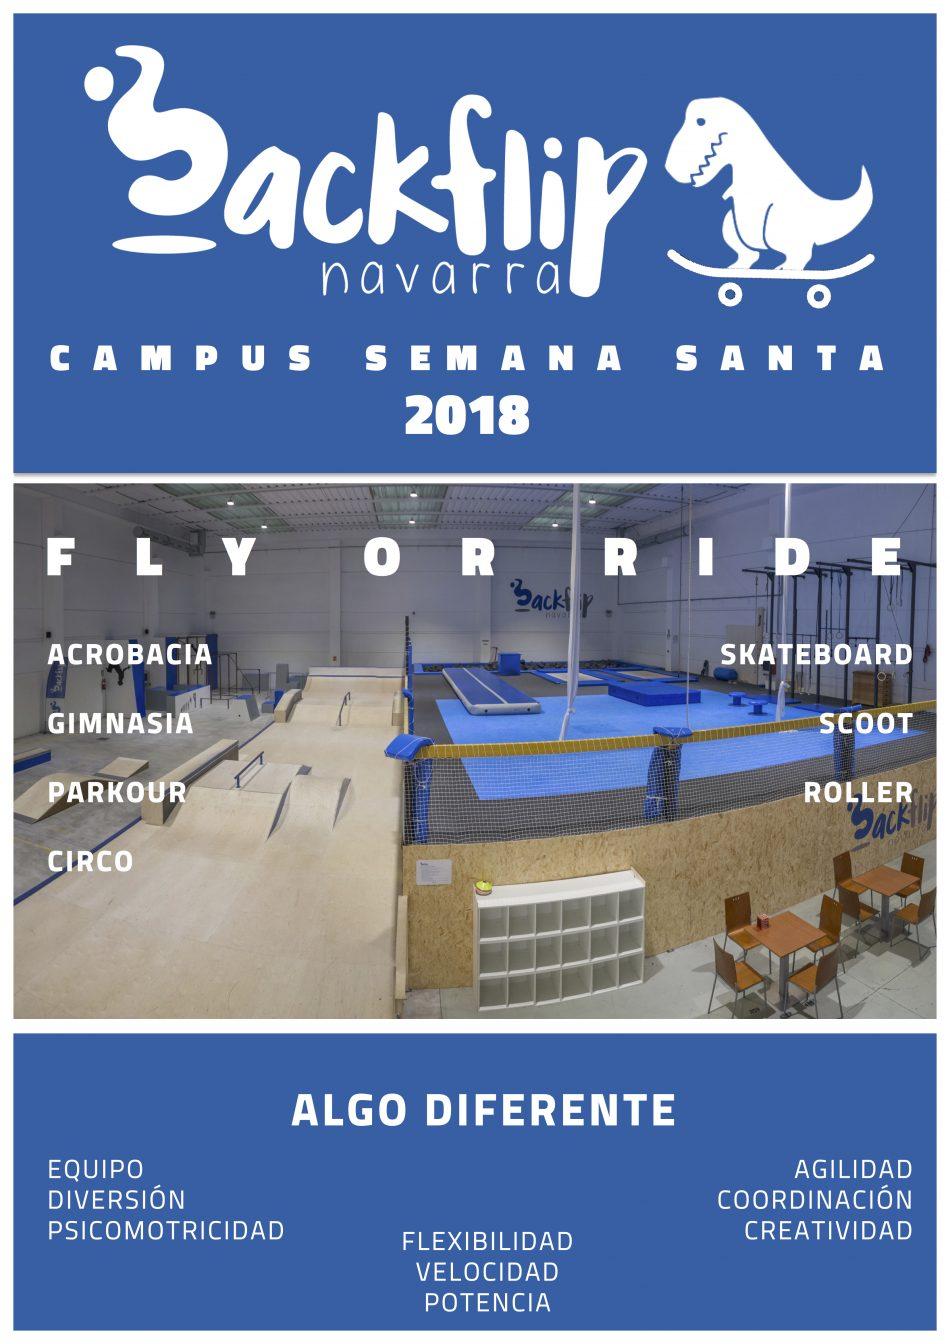 CAMPUS SEMANA SANTA 2018 ¡INSCRIPCIONES ABIERTAS!